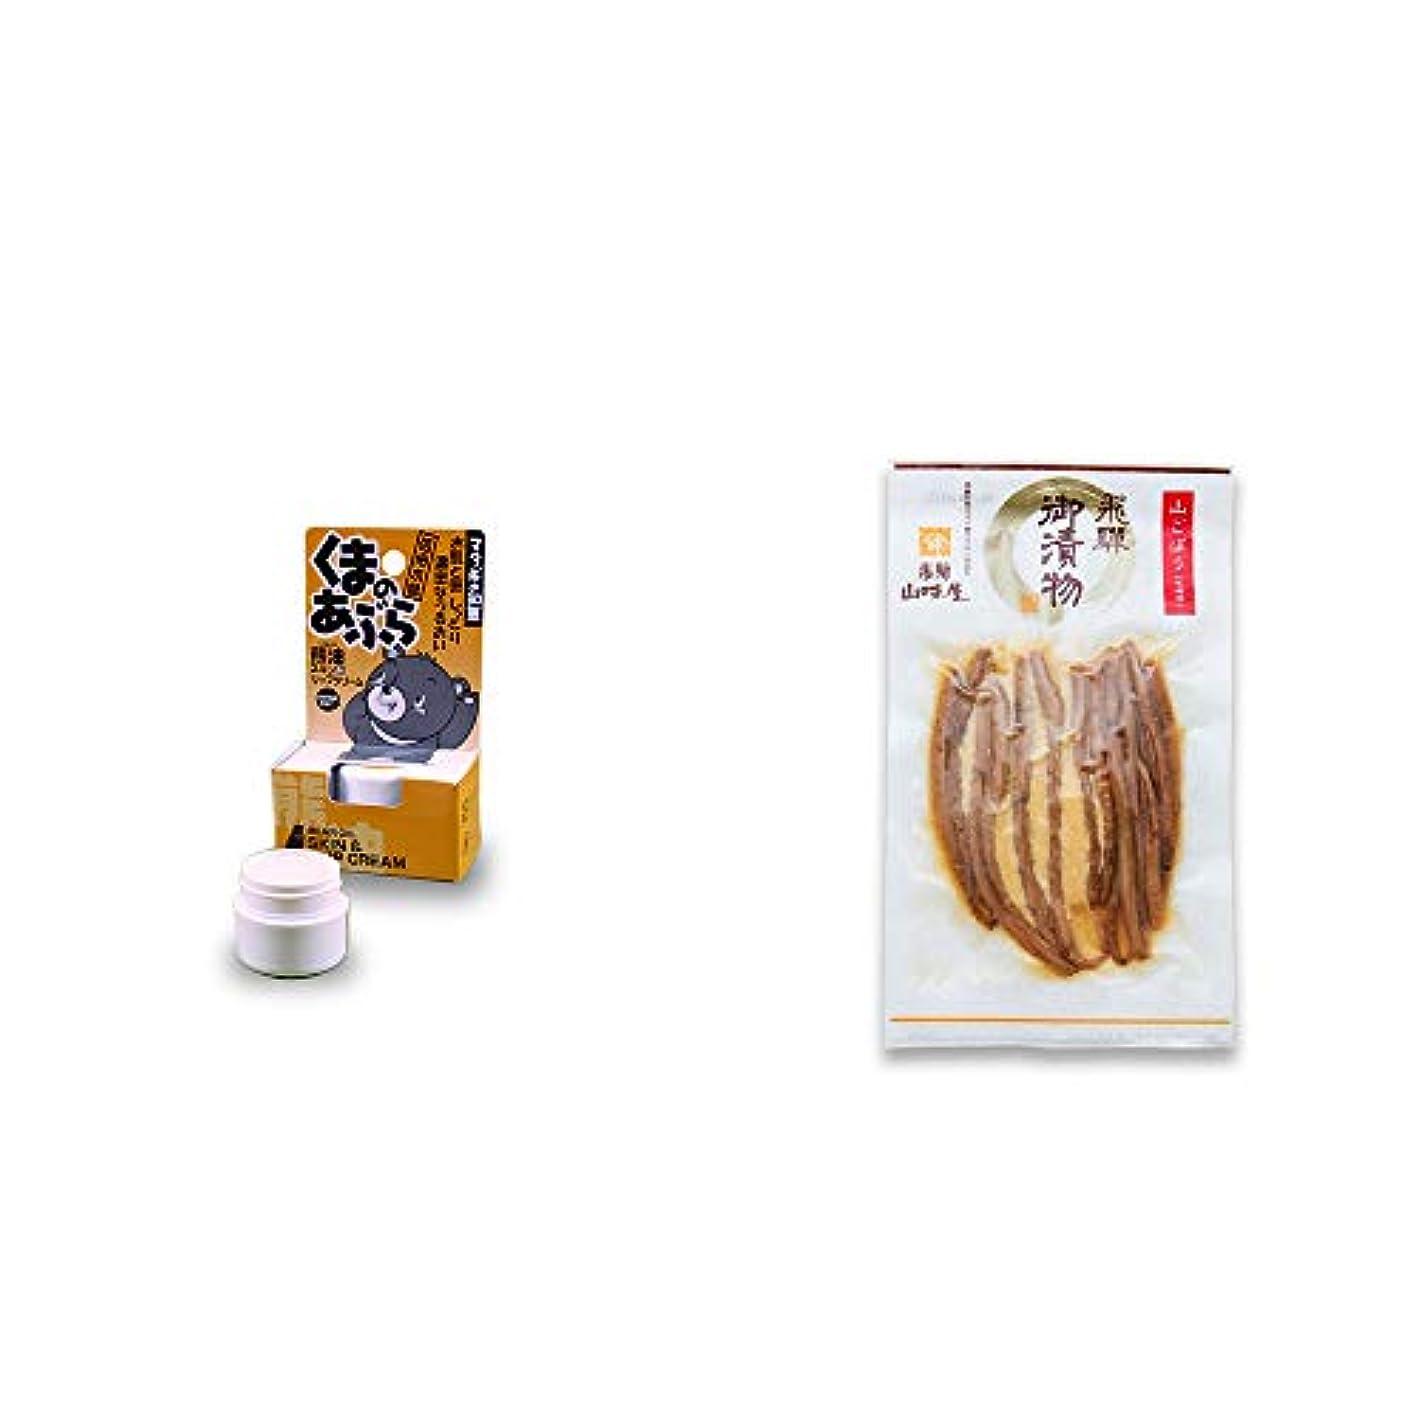 意志ランチ砂[2点セット] 信州木曽 くまのあぶら 熊油スキン&リップクリーム(9g)?飛騨山味屋 山ごぼう味噌漬(80g)